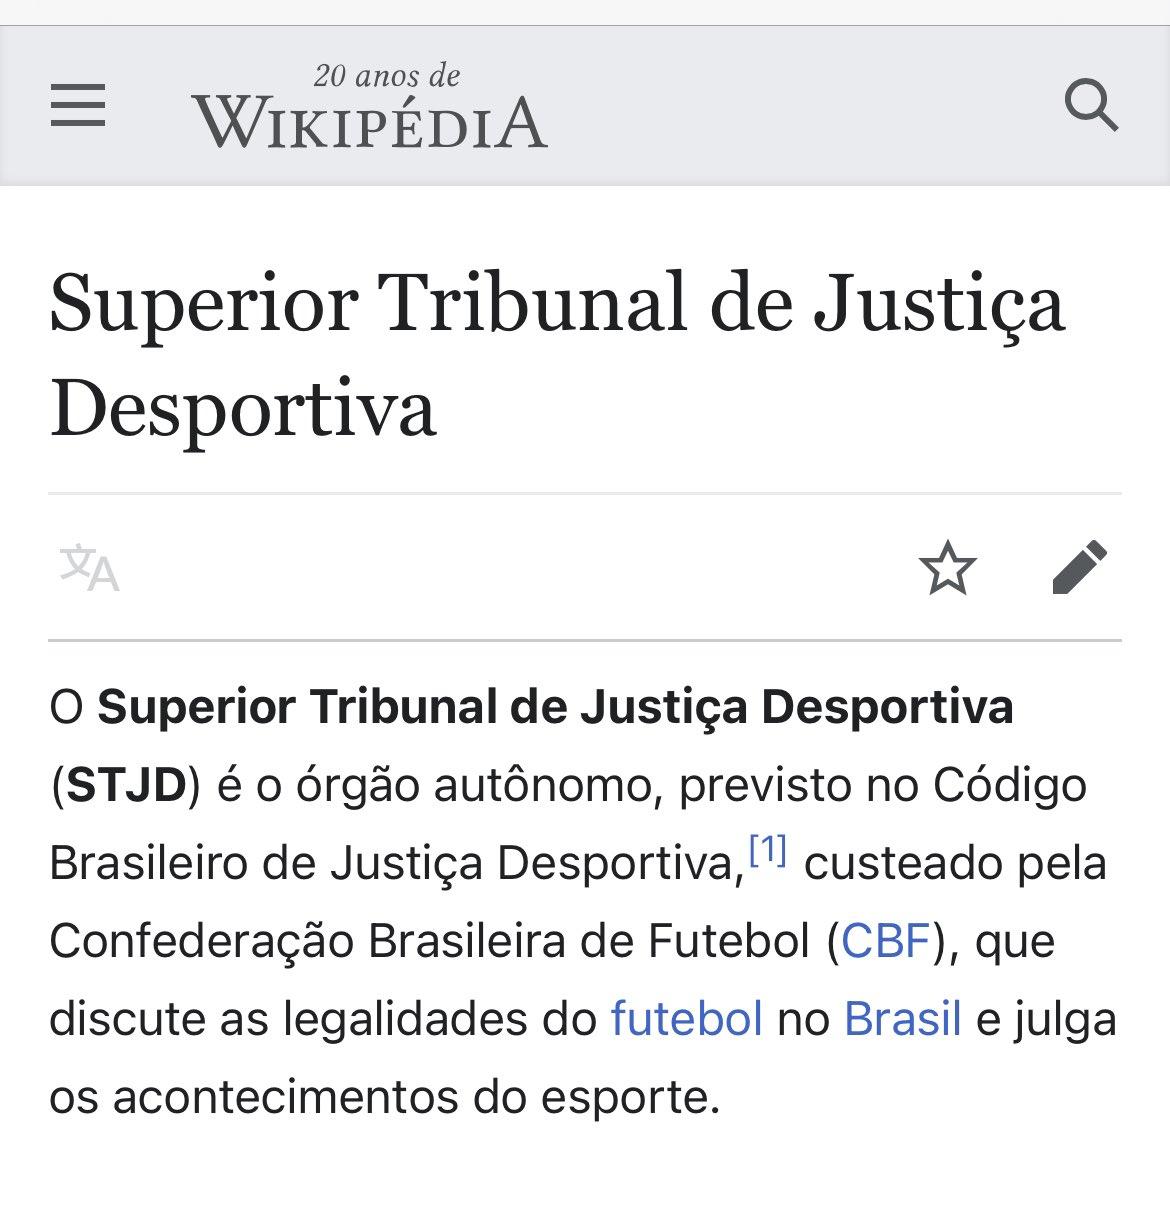 STJD Foto,STJD Tendências Do Twitter - Top Tweets